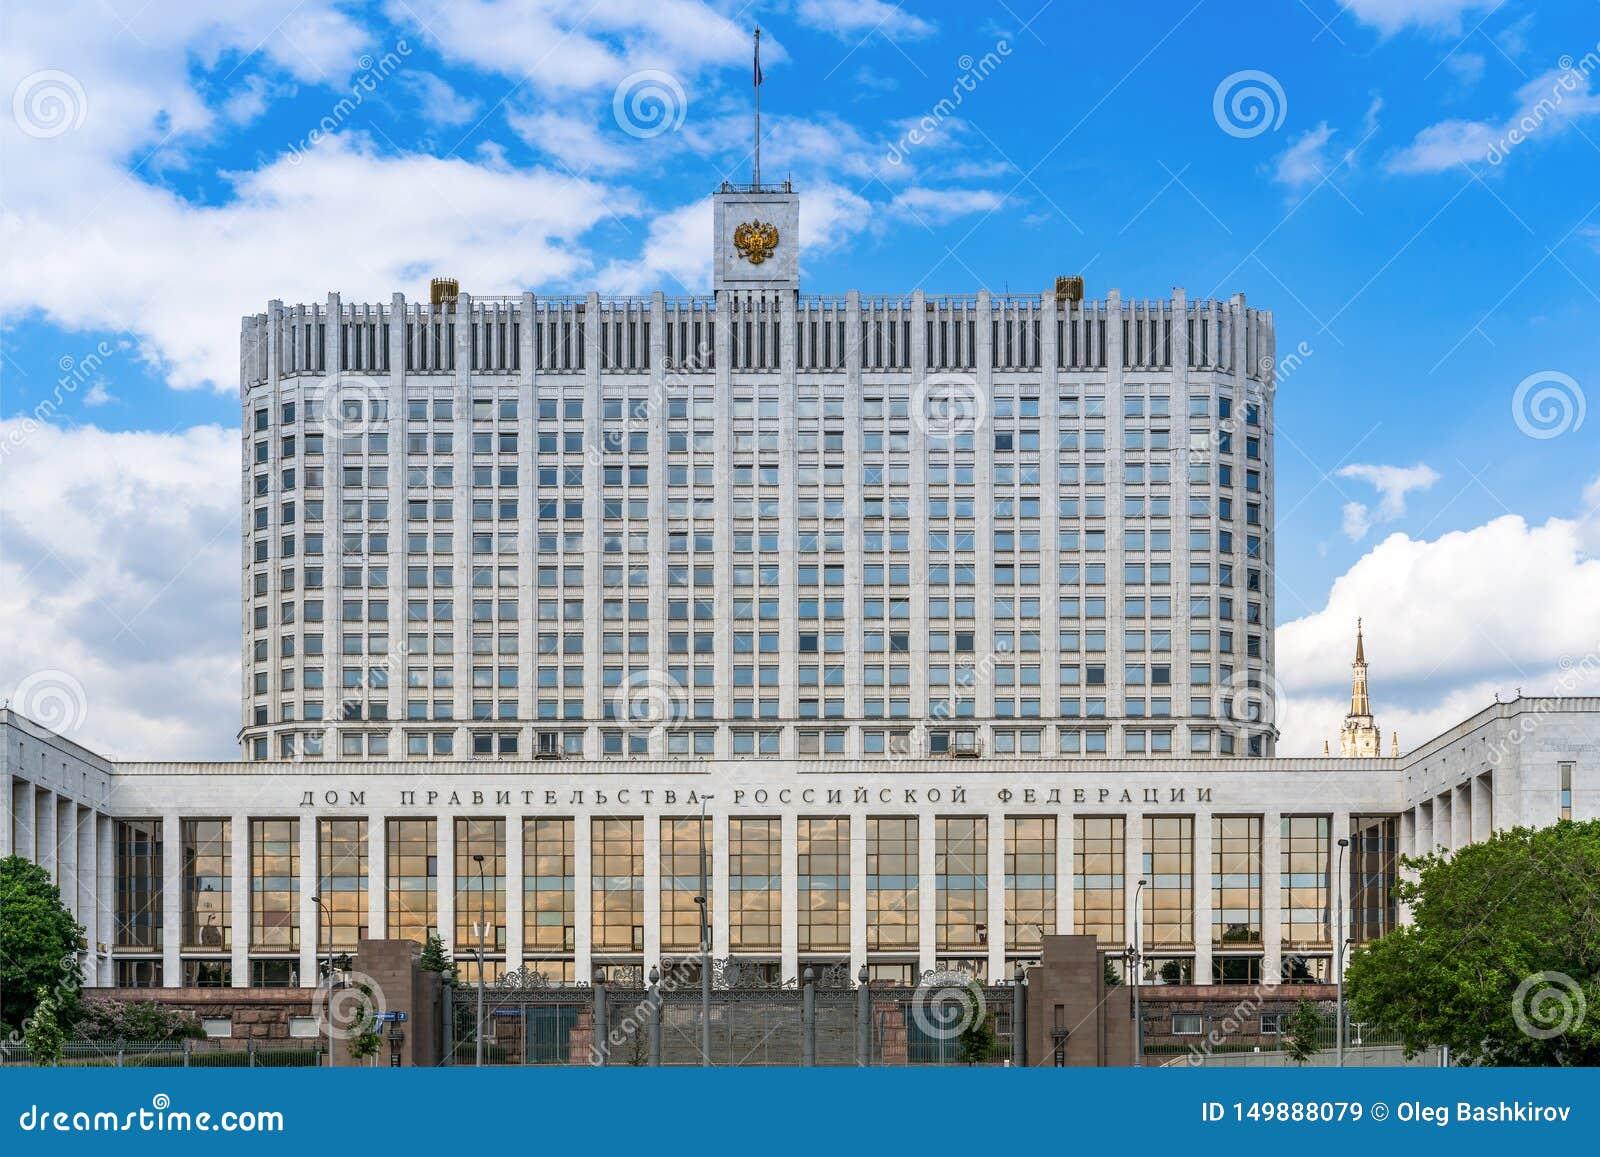 Moscou, Rússia - 26 de maio de 2019: Construção do governo da Federação Russa na casa branca de Moscou